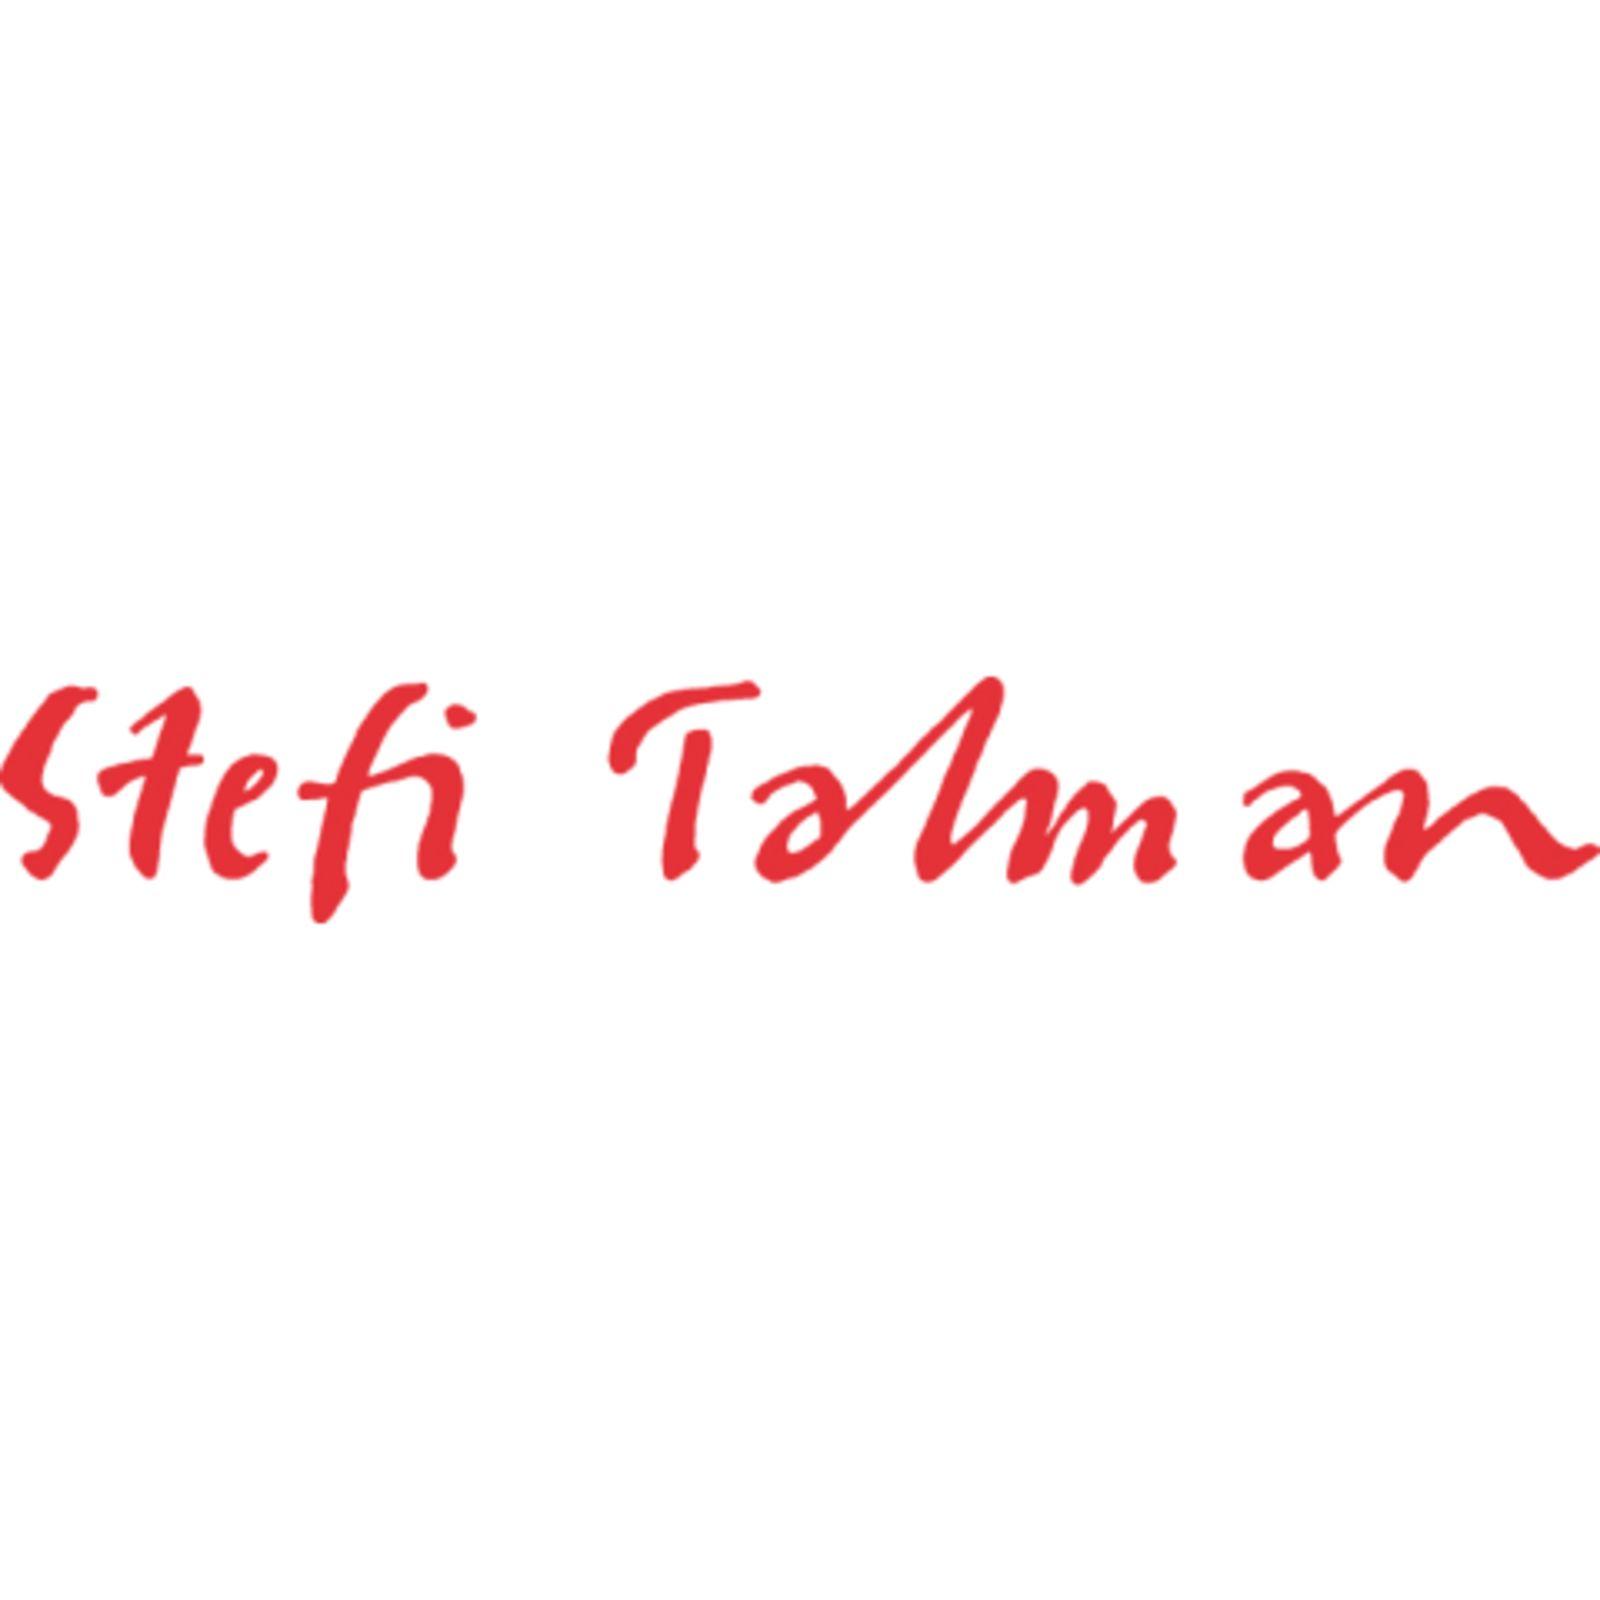 Stefi Talman